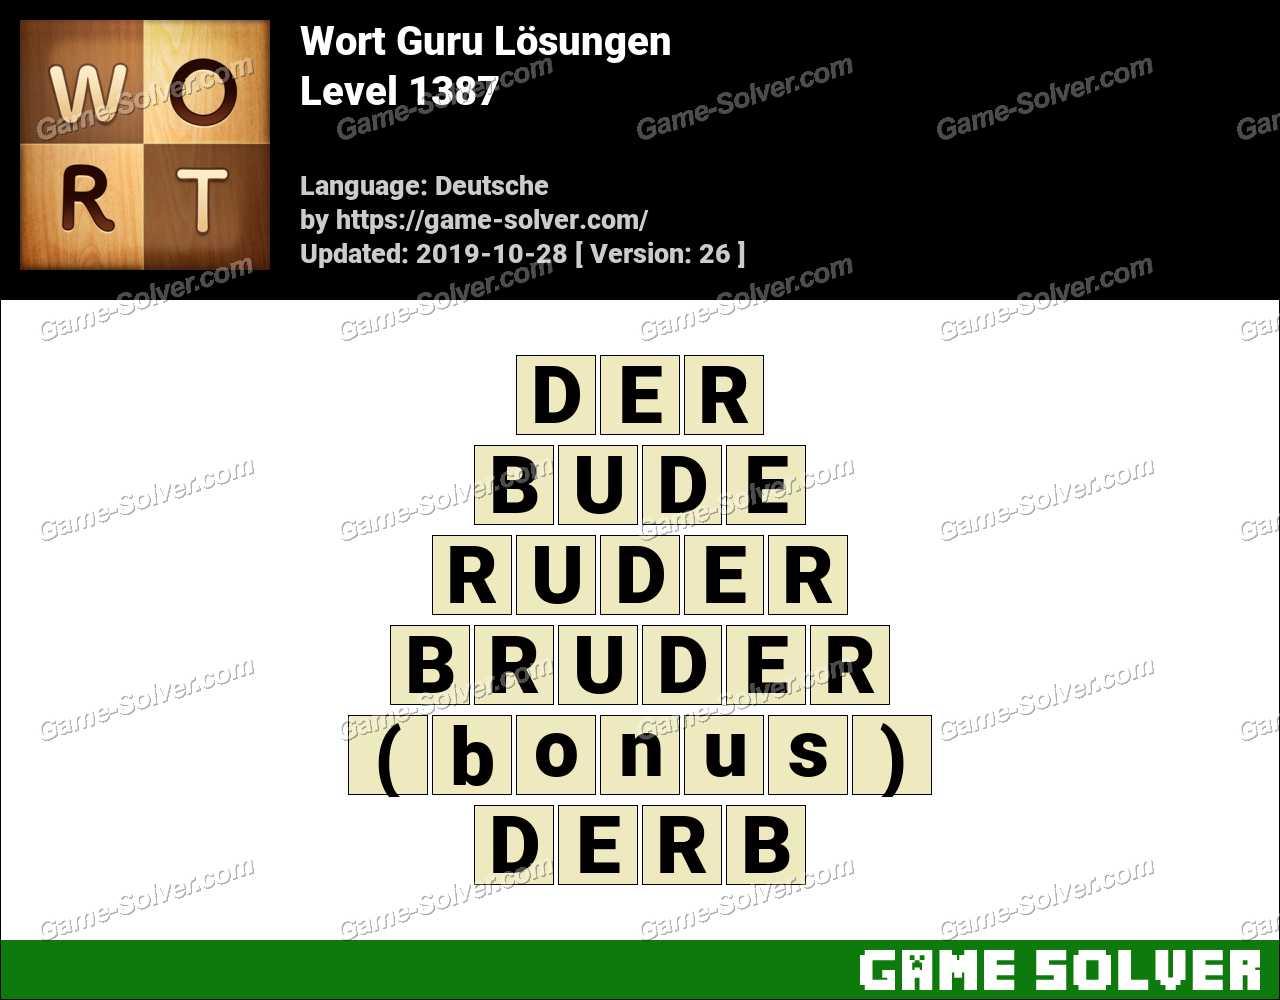 Wort Guru Level 1387 Lösungen